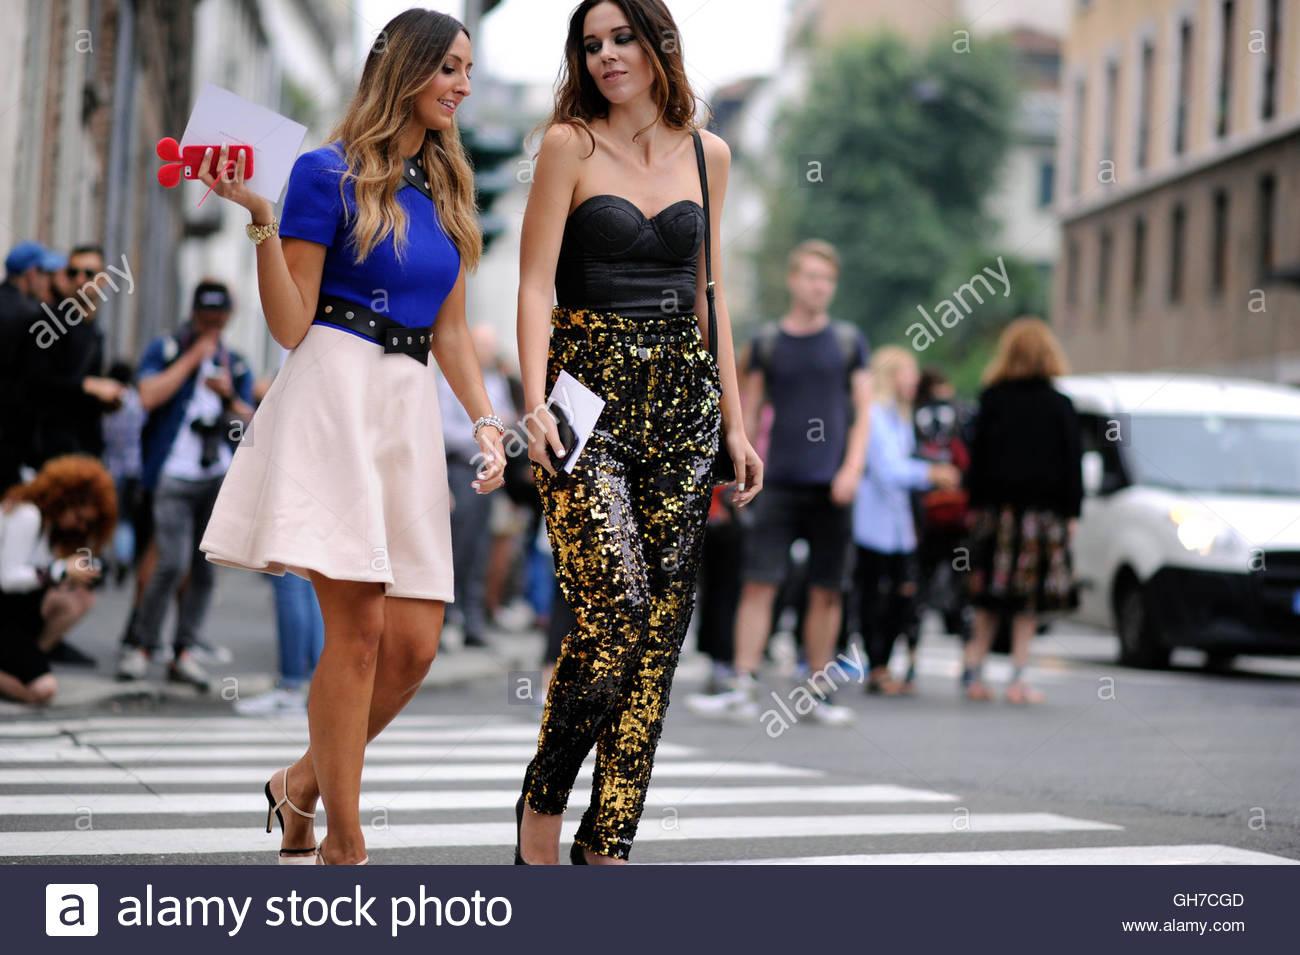 Women on Corso Venezia Milan during Milan Fashion Week. - Stock Image